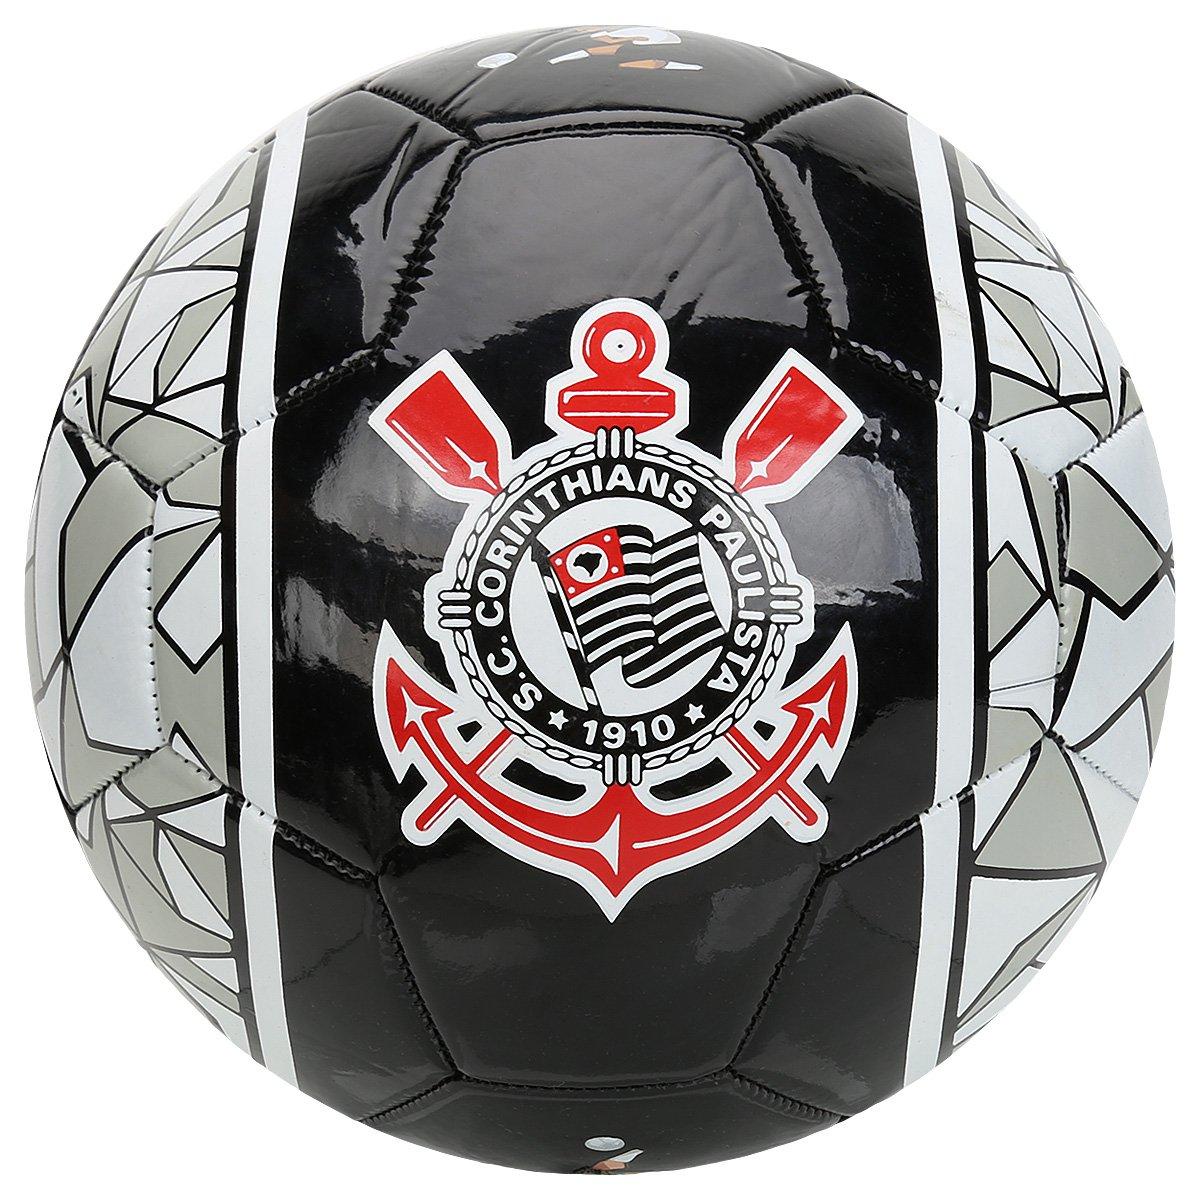 Bola Futebol Campo Corinthians Deuses - Compre Agora  cf02721d25db1